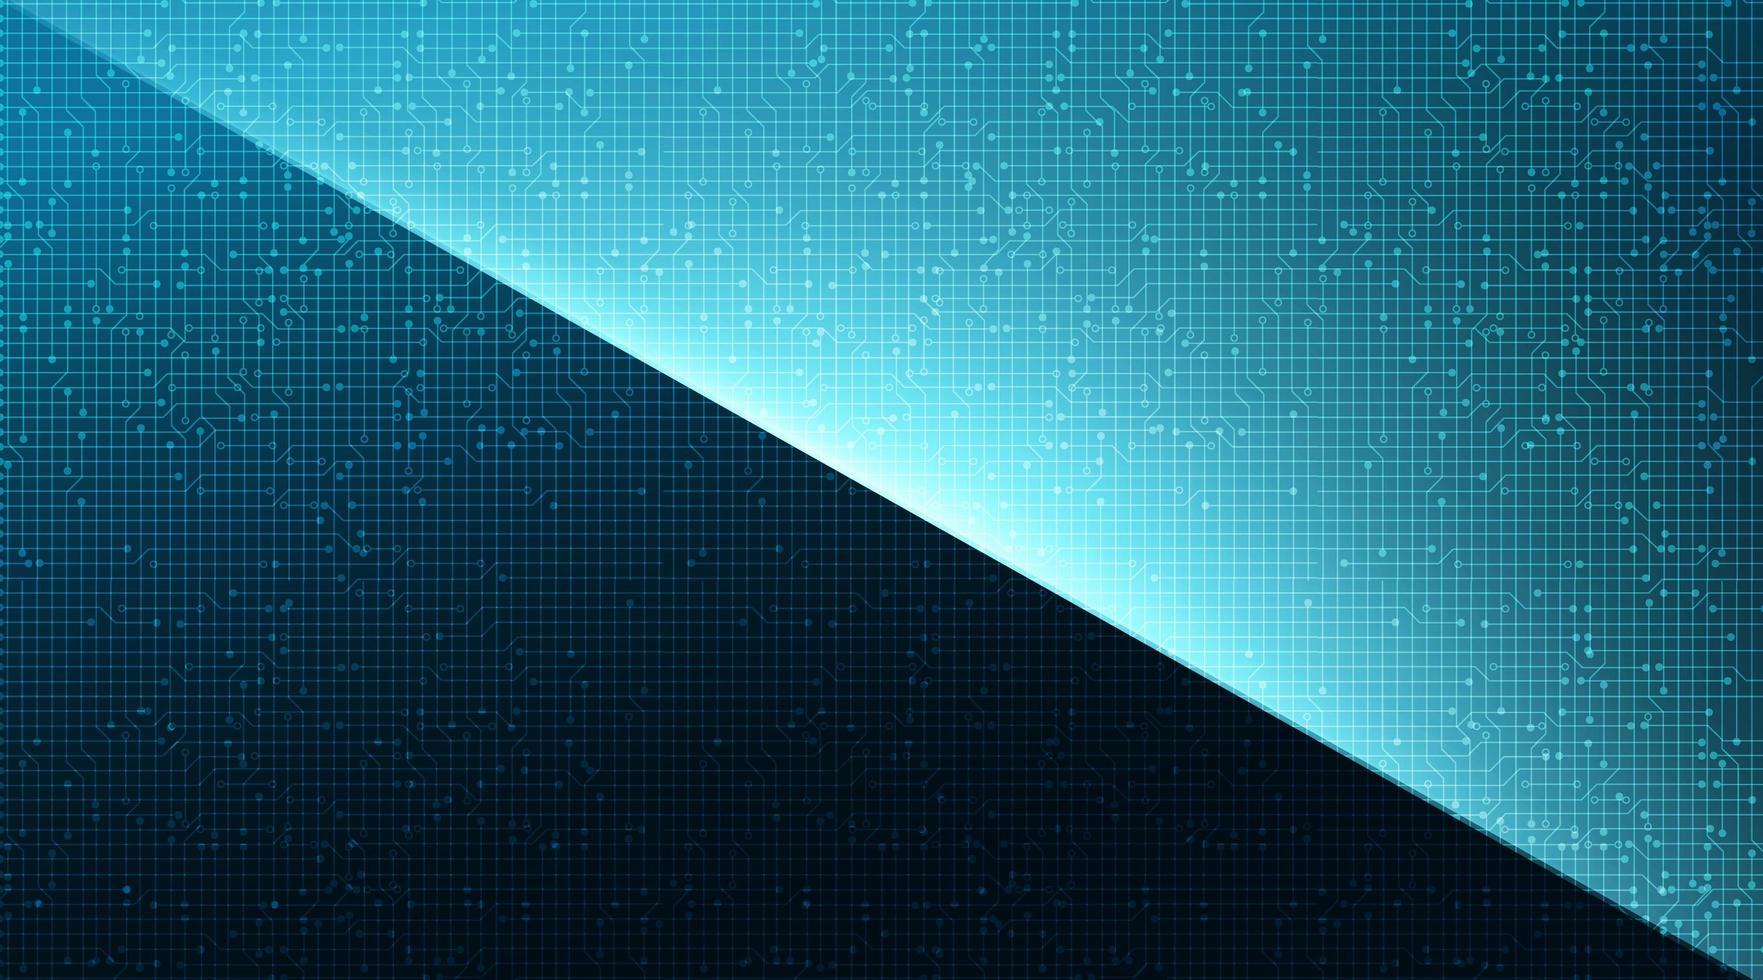 Mörk och ljusblå vinklad teknologibakgrund. vektor